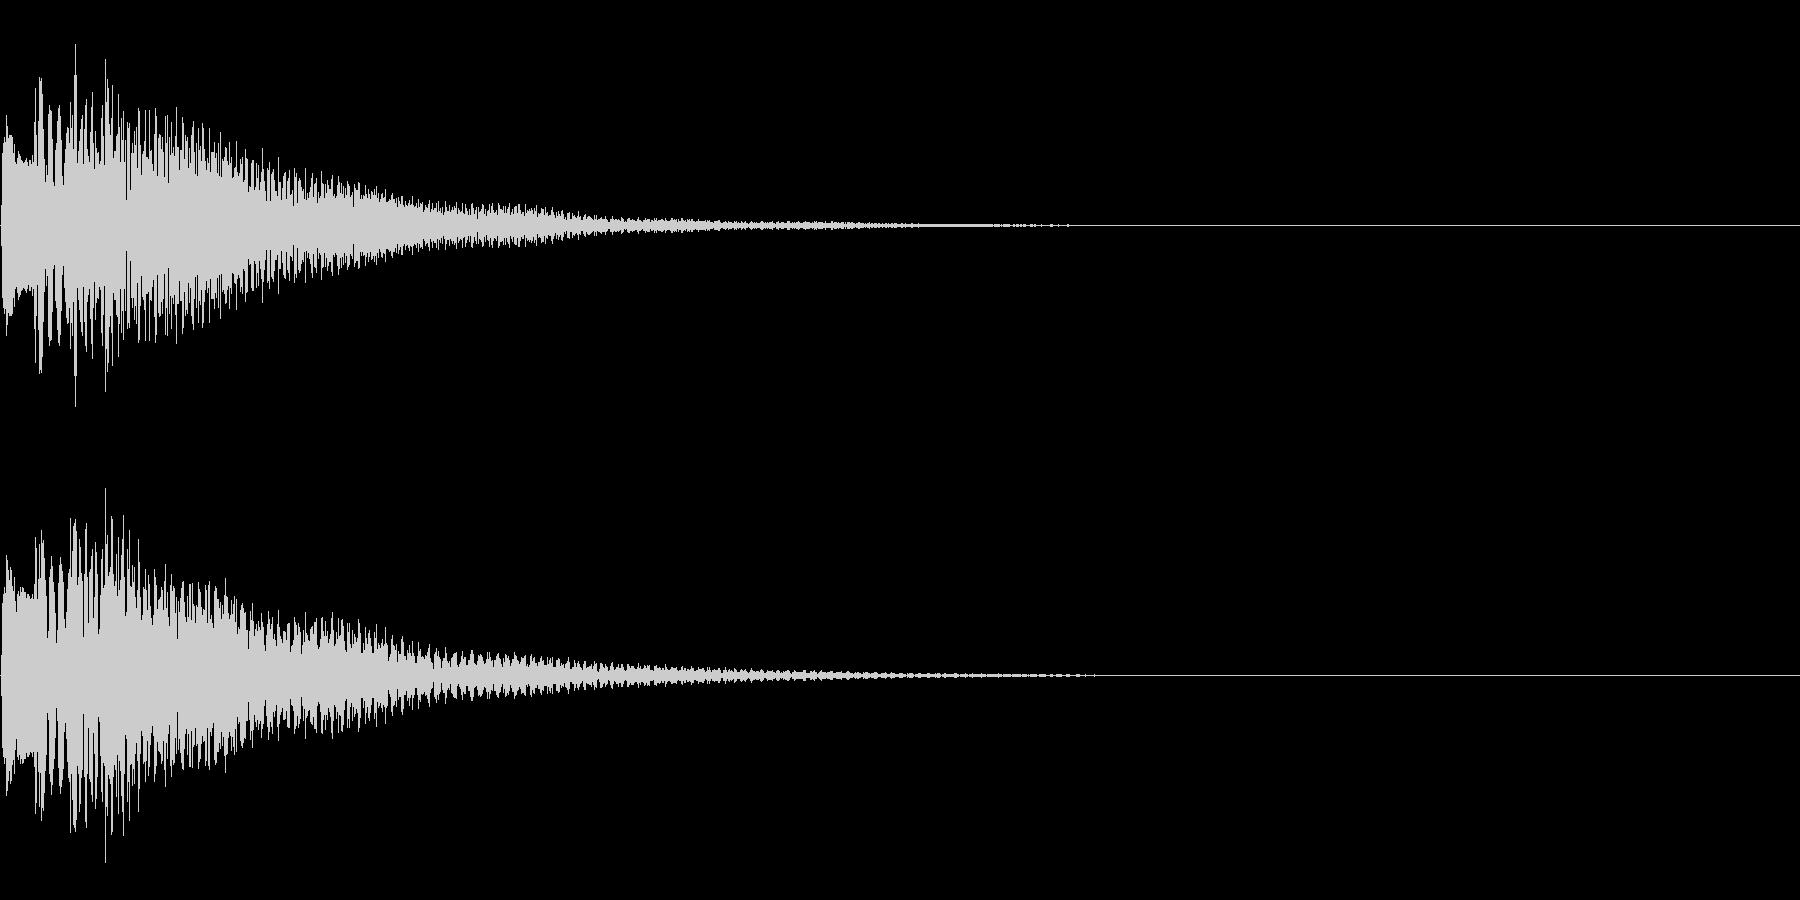 アイテム取得音の未再生の波形